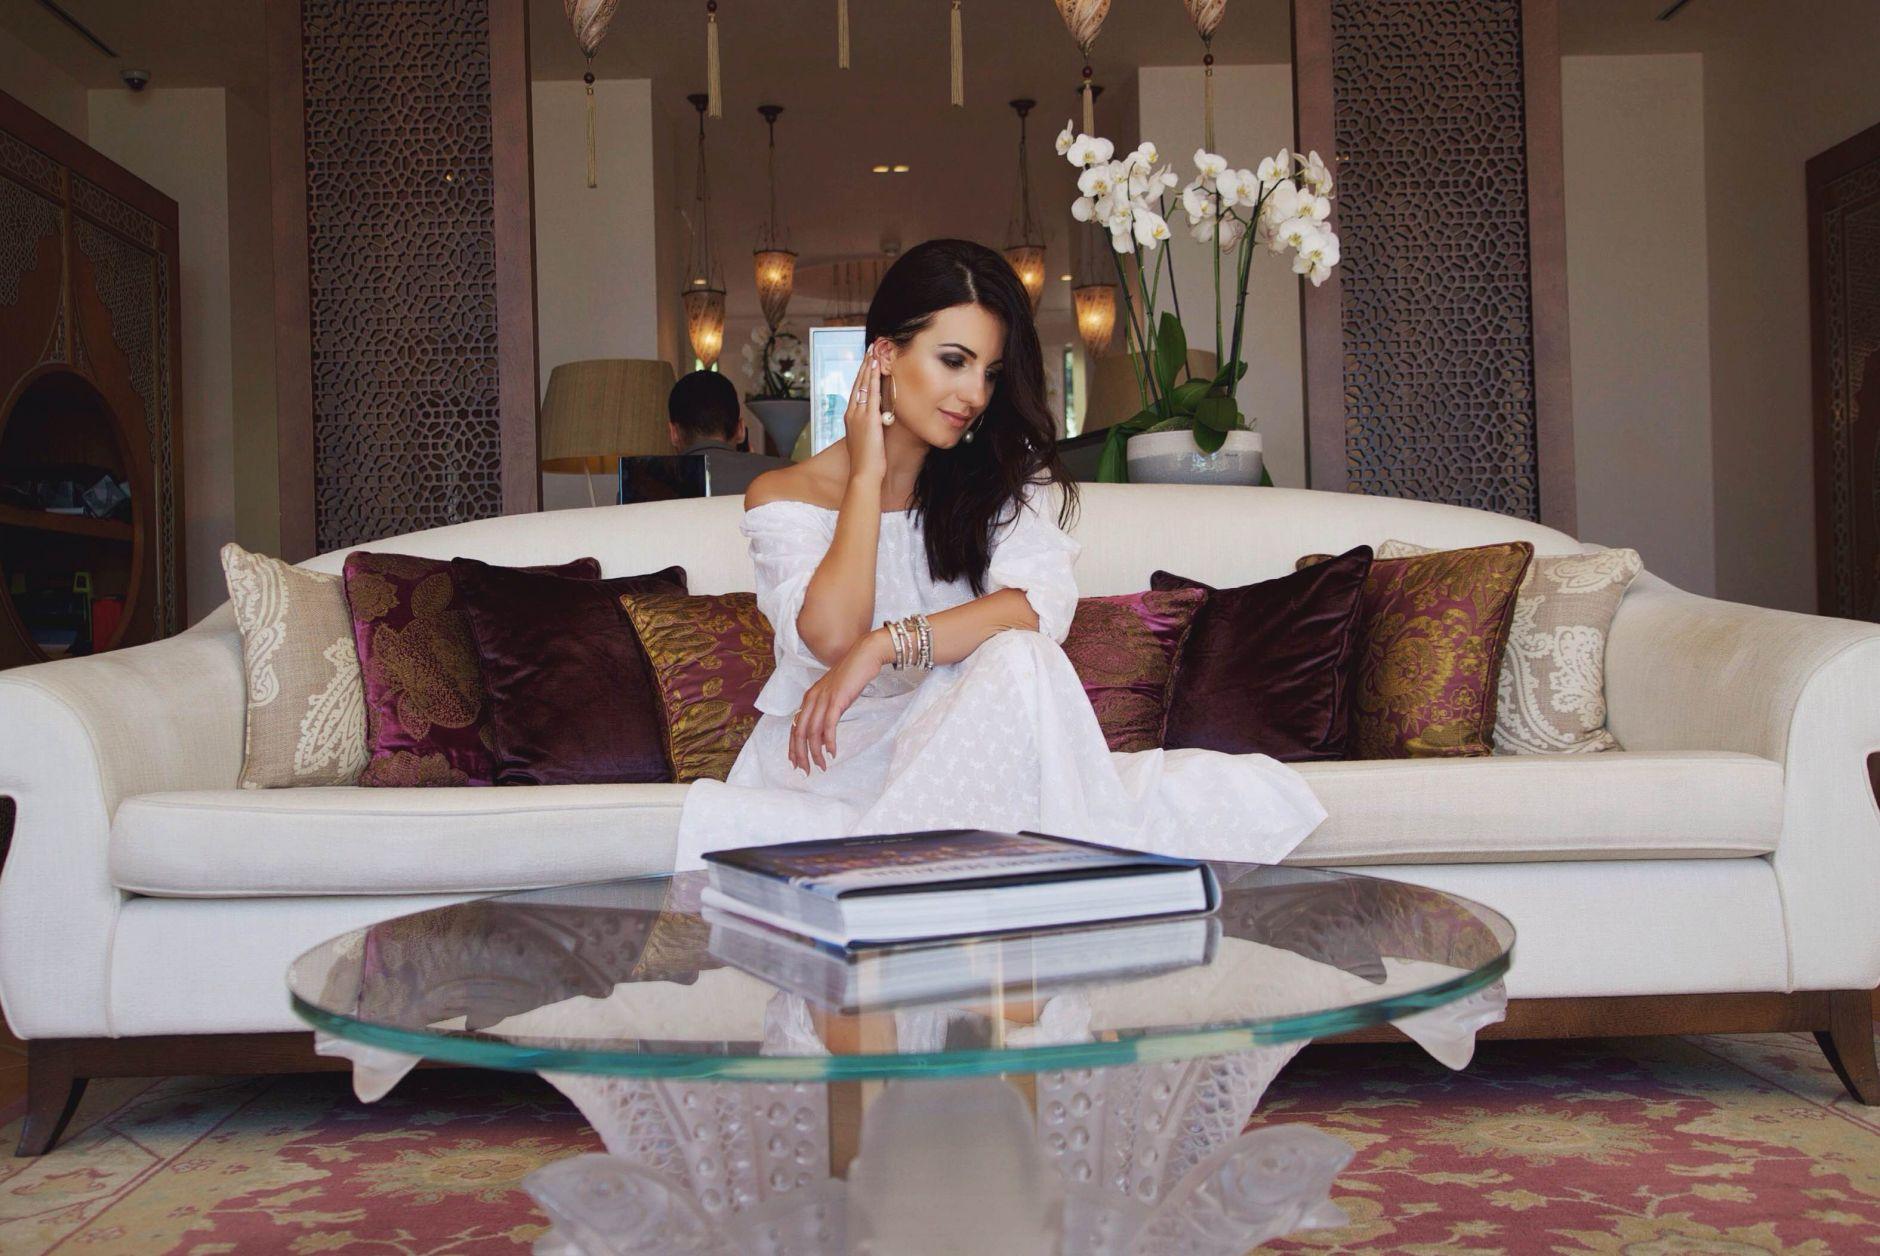 04-travel-lifestyle-hotel-tiara-yaktsa-cote-dazur-disi-couture